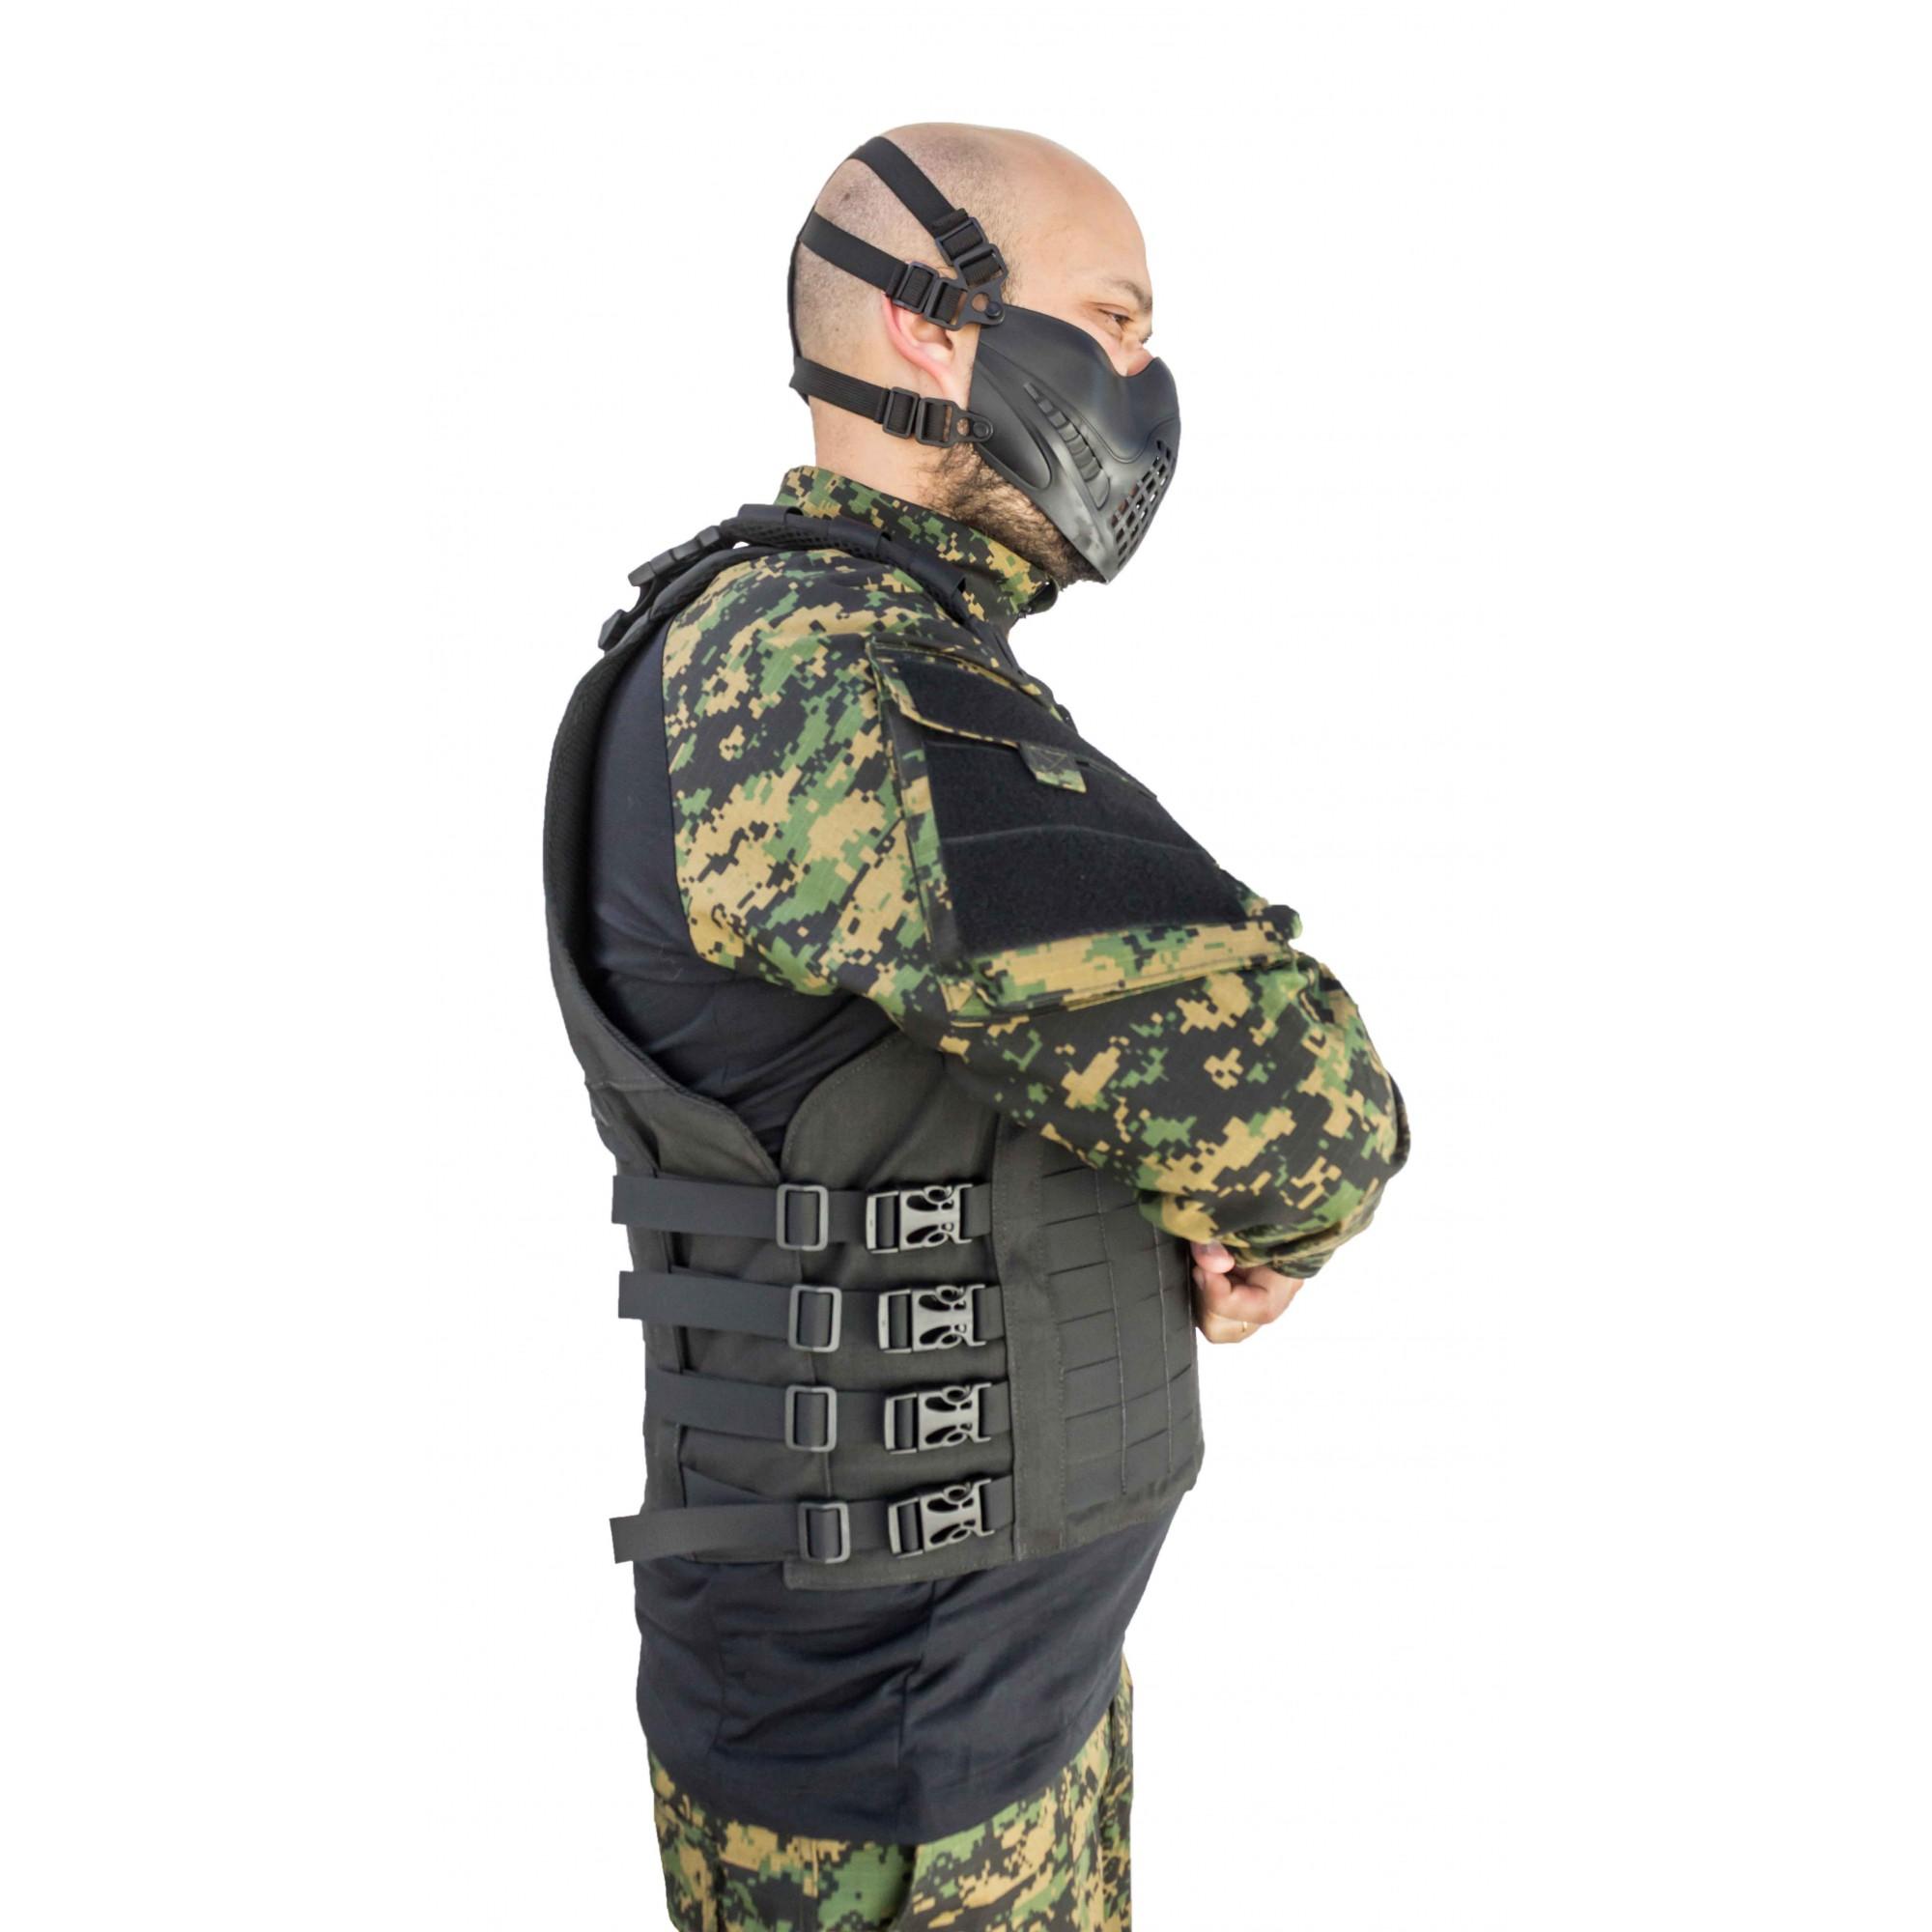 Colete Modular Protection X-Five Preto